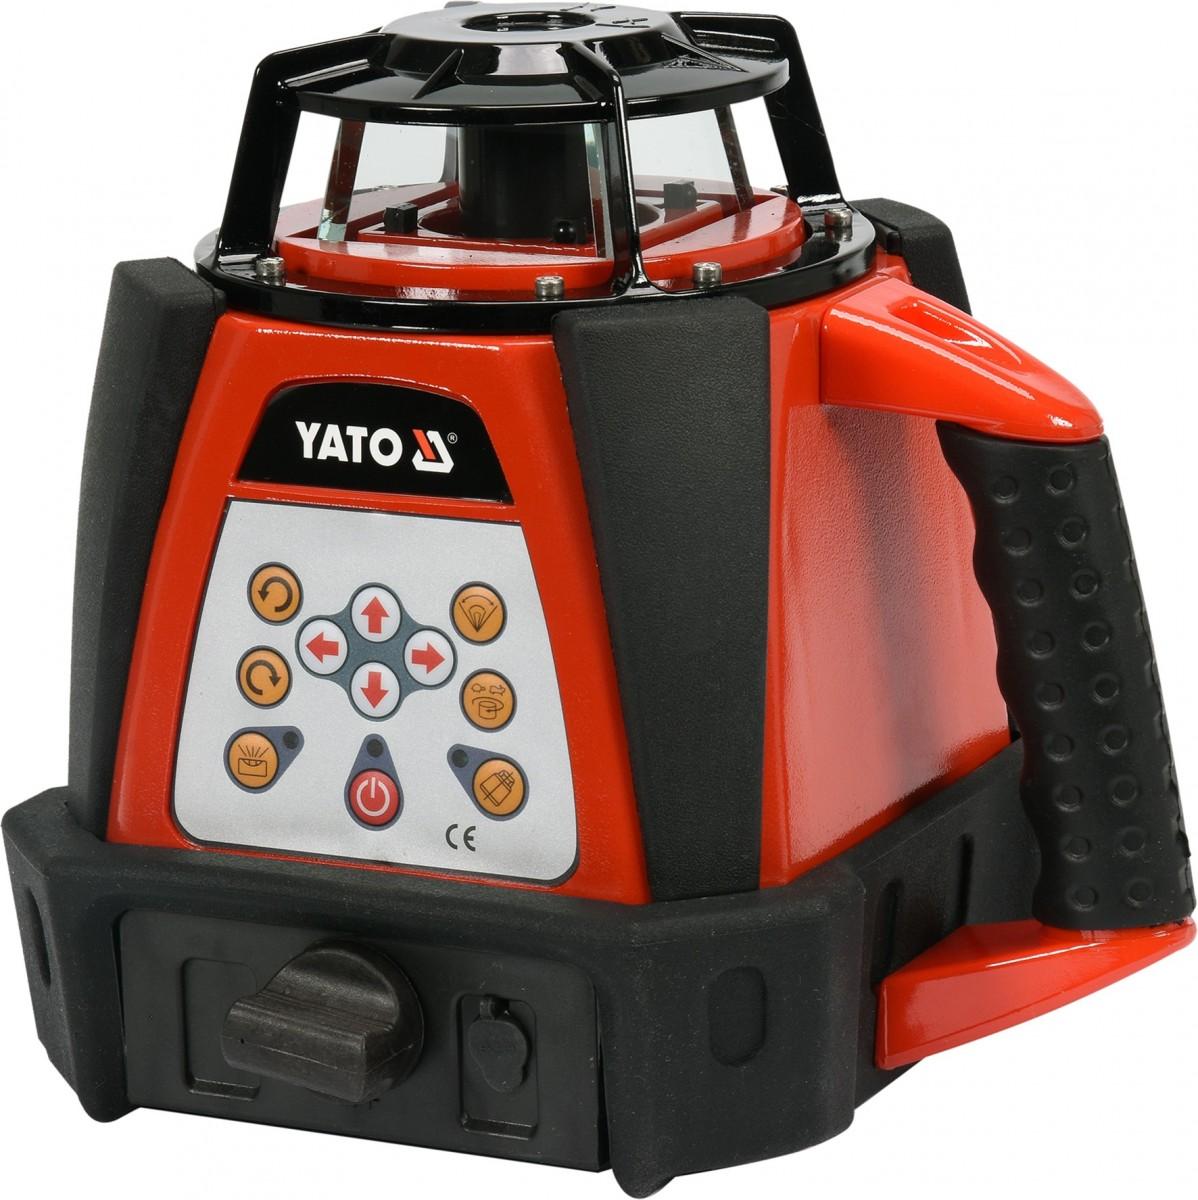 YATO Rotační laser samonivelační YT-30430 Nářadí 6.125Kg YT-30430